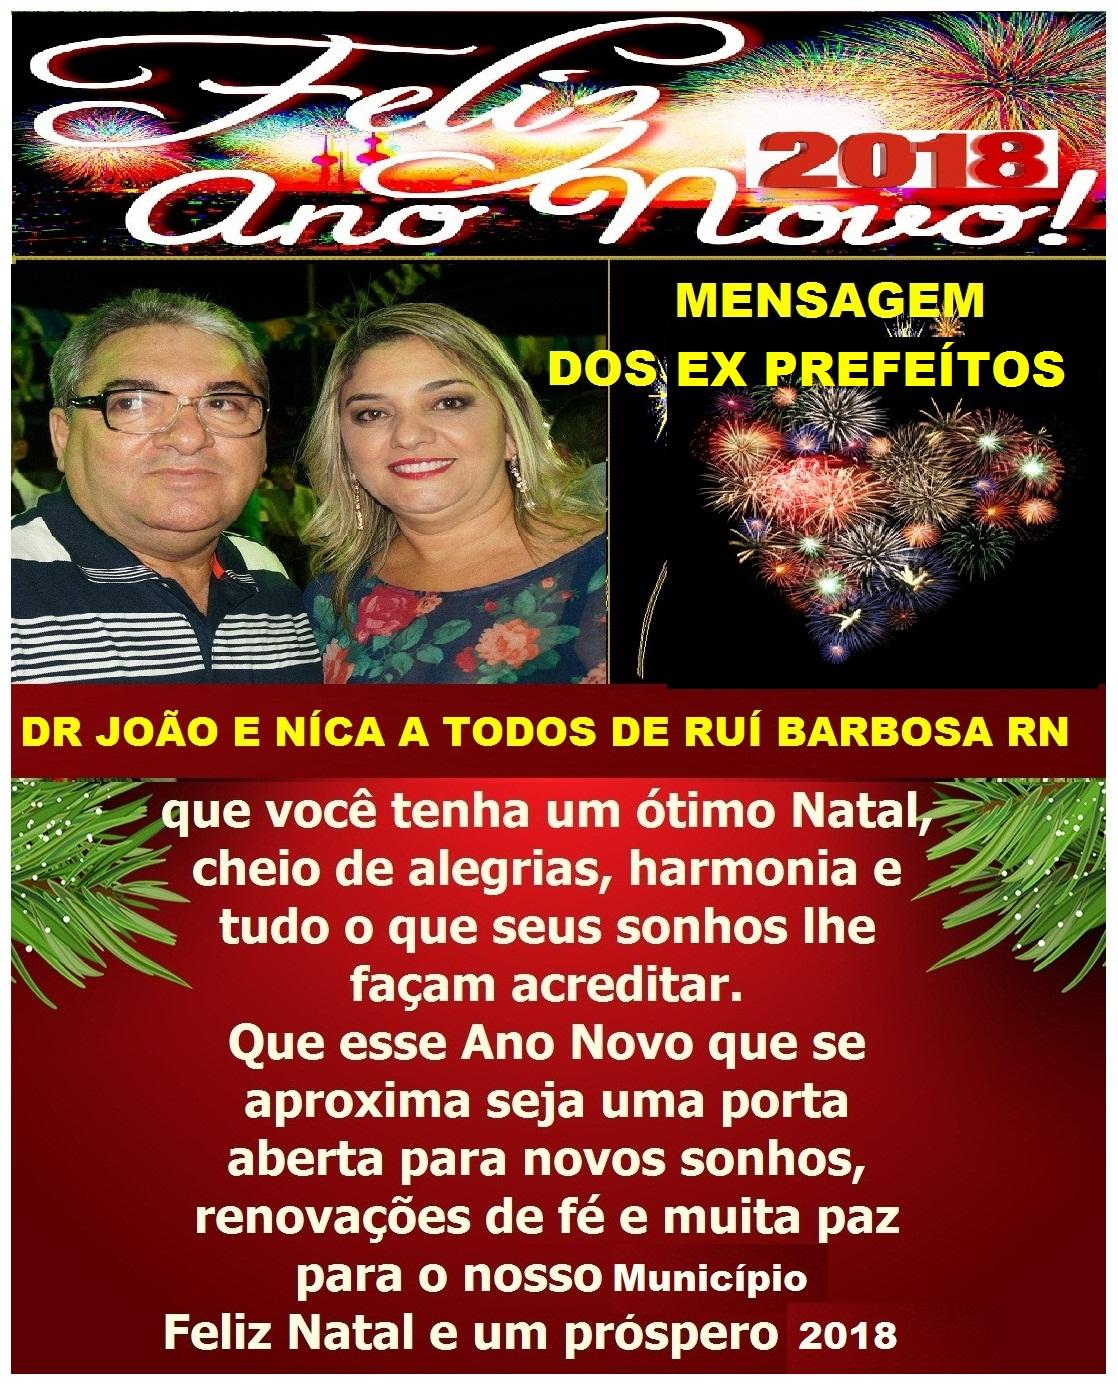 MENSAGEM DOS EX PREFEITOS DR JOÃO E NICA